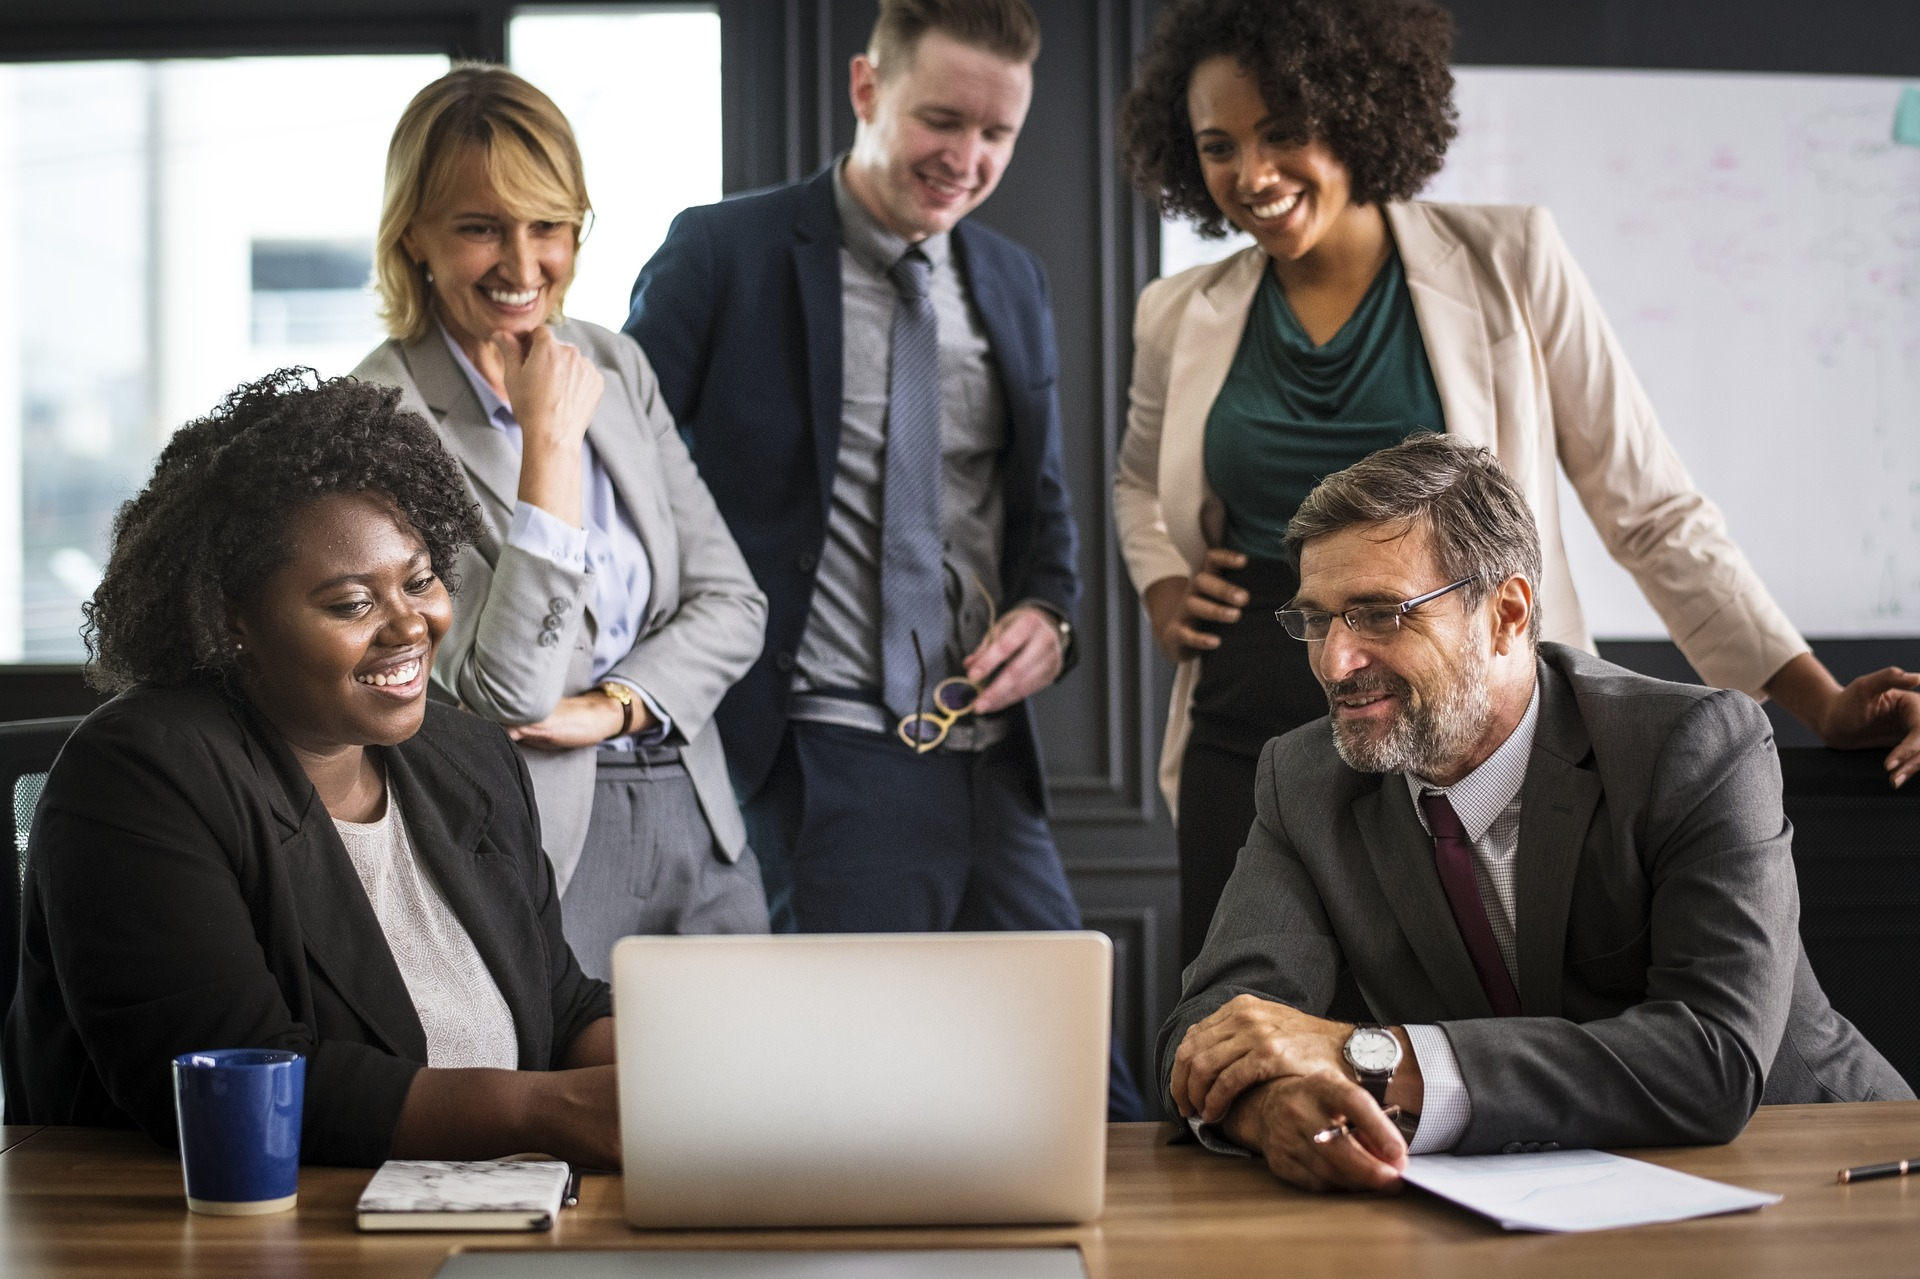 ため な 勤務 導入 の 適切 情報 通信 利用 の 事業 の 場外 技術 を ガイドライン 及び した 実施